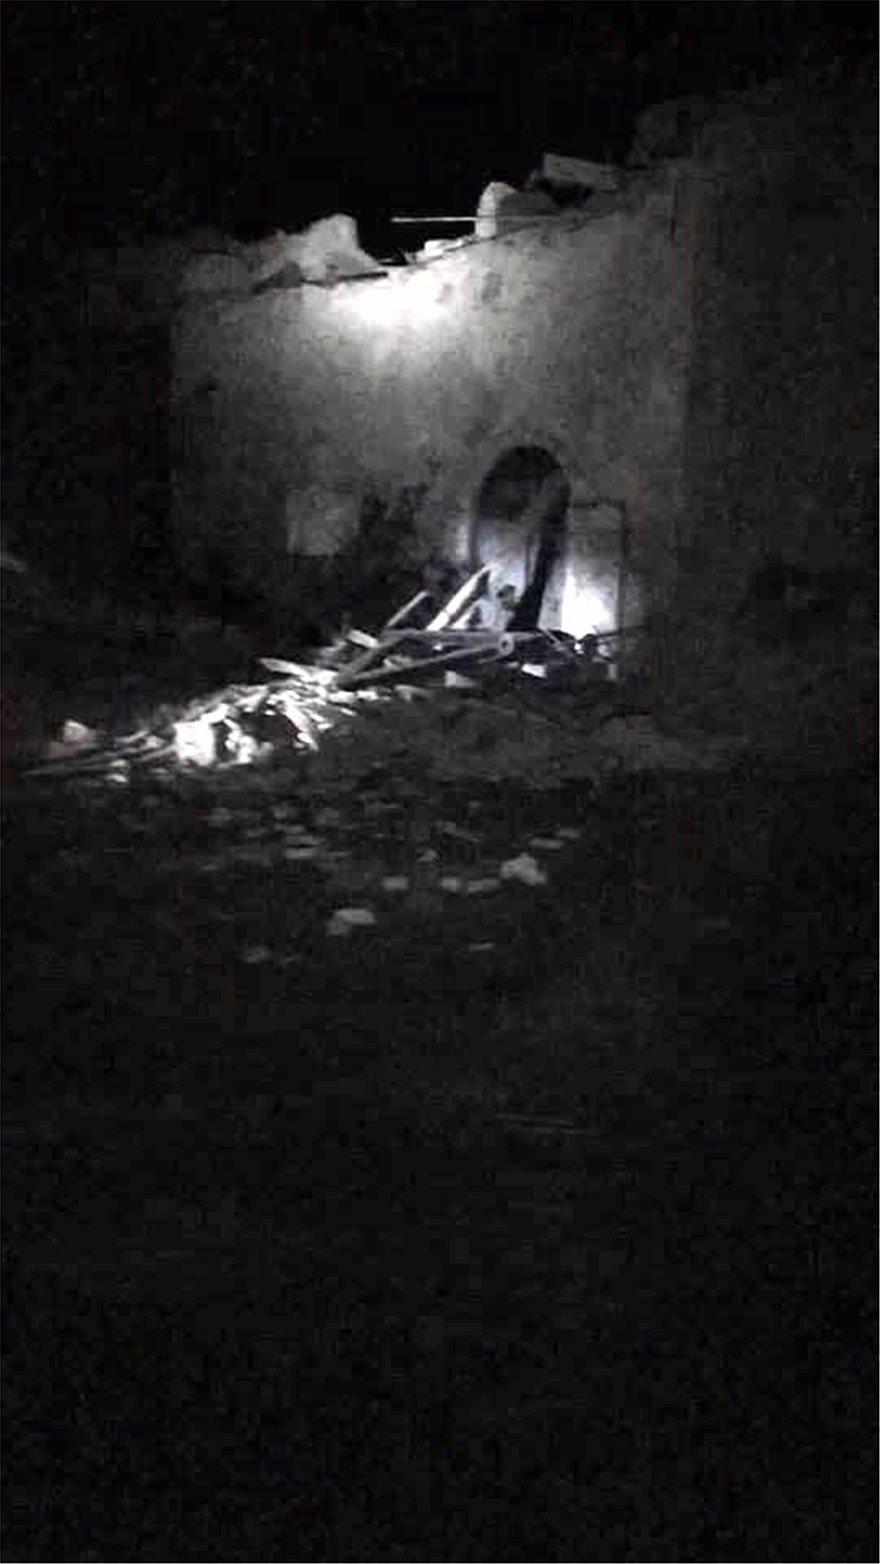 , Ισχυρότατος σεισμός στη Ζάκυνθο: Ανάστατοι οι κάτοικοι – Υλικές ζημιές σε όλο το νησί